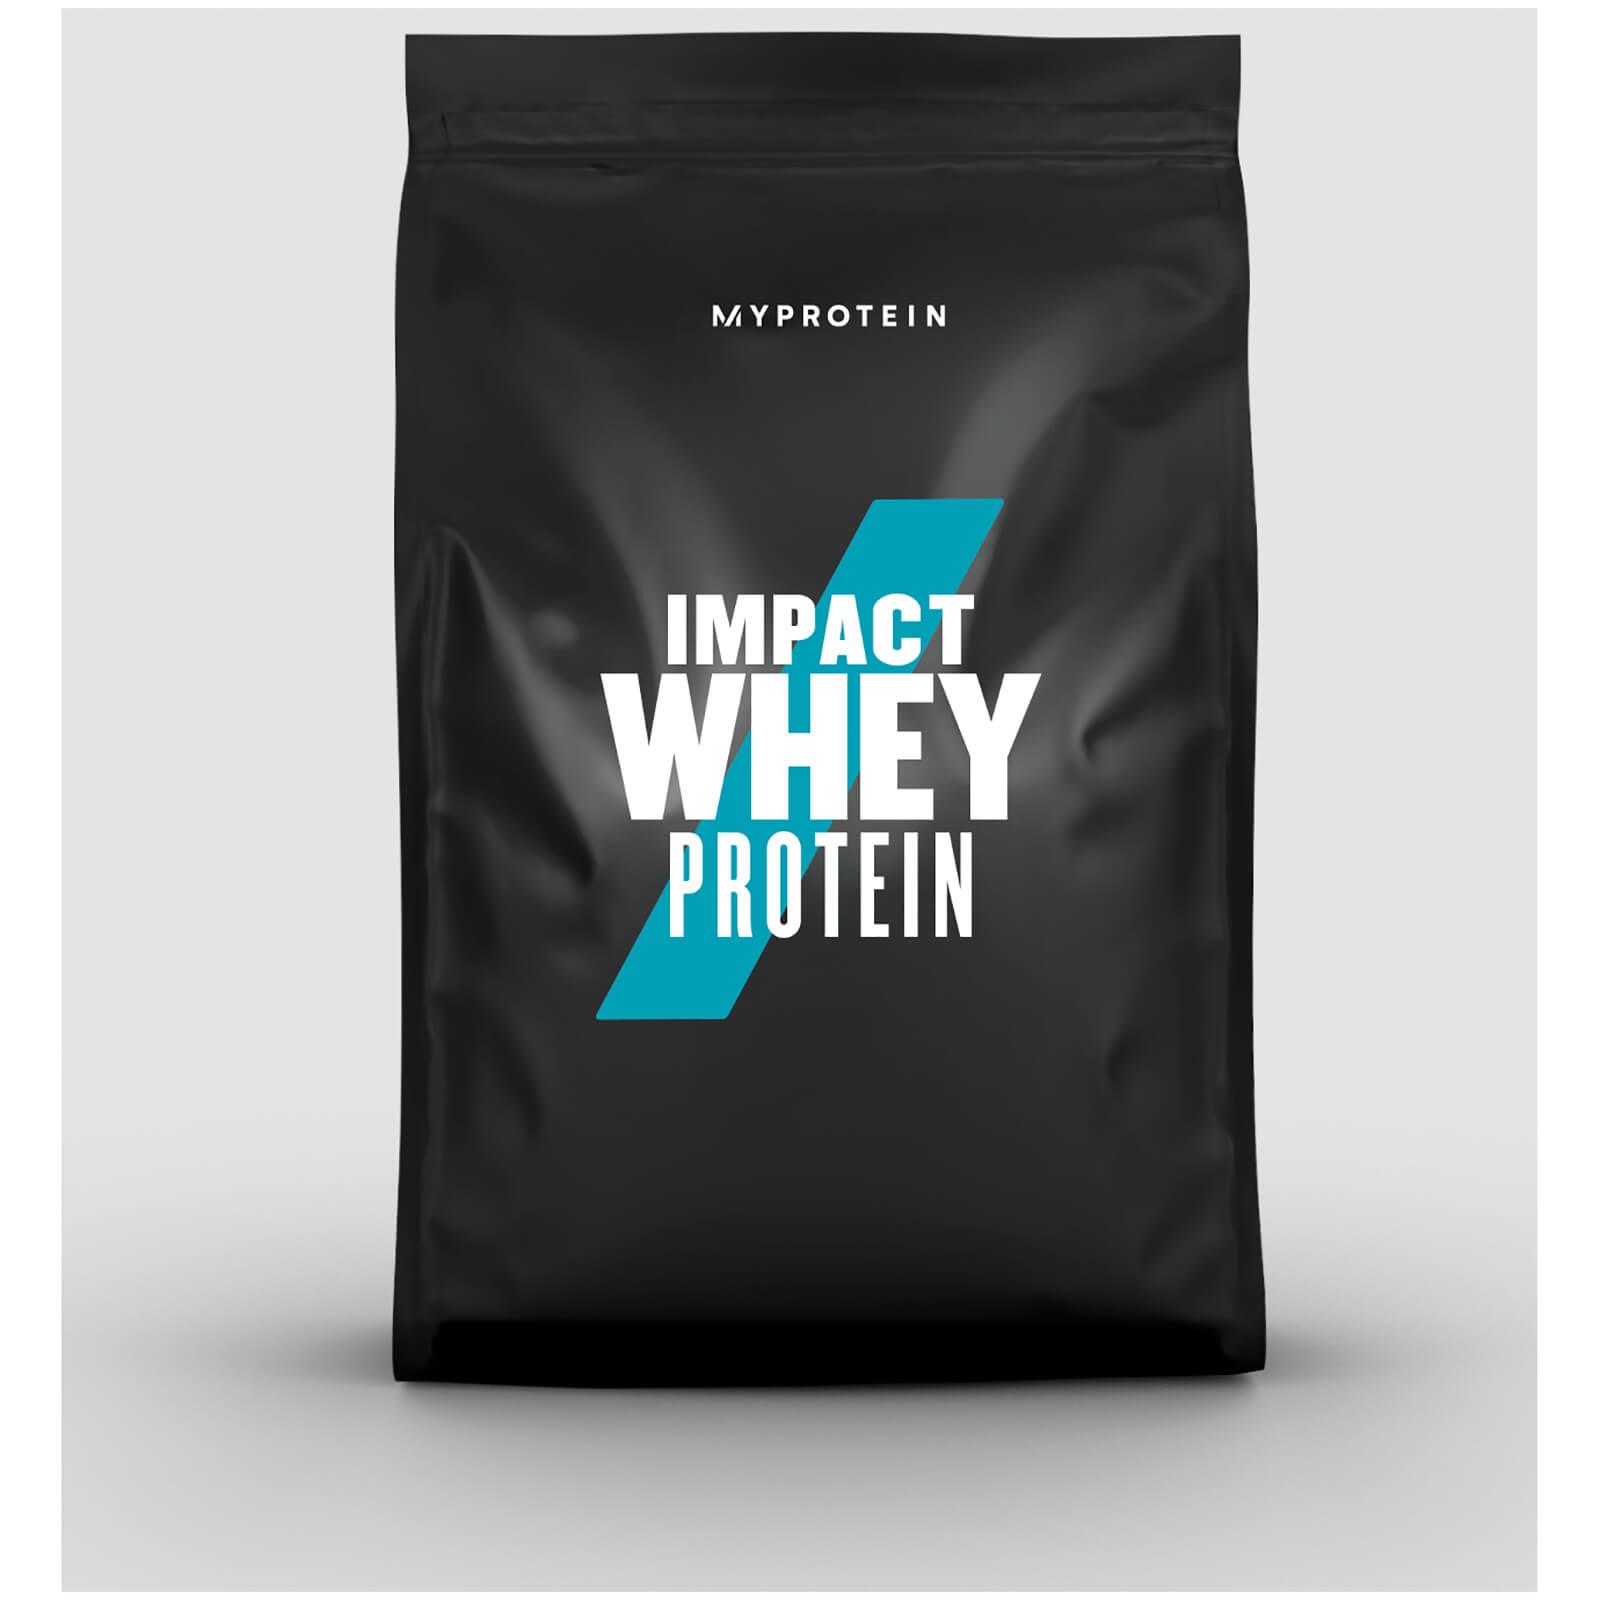 Myprotein Impact Whey Protein - 1kg - Dark Chocolate & Chilli